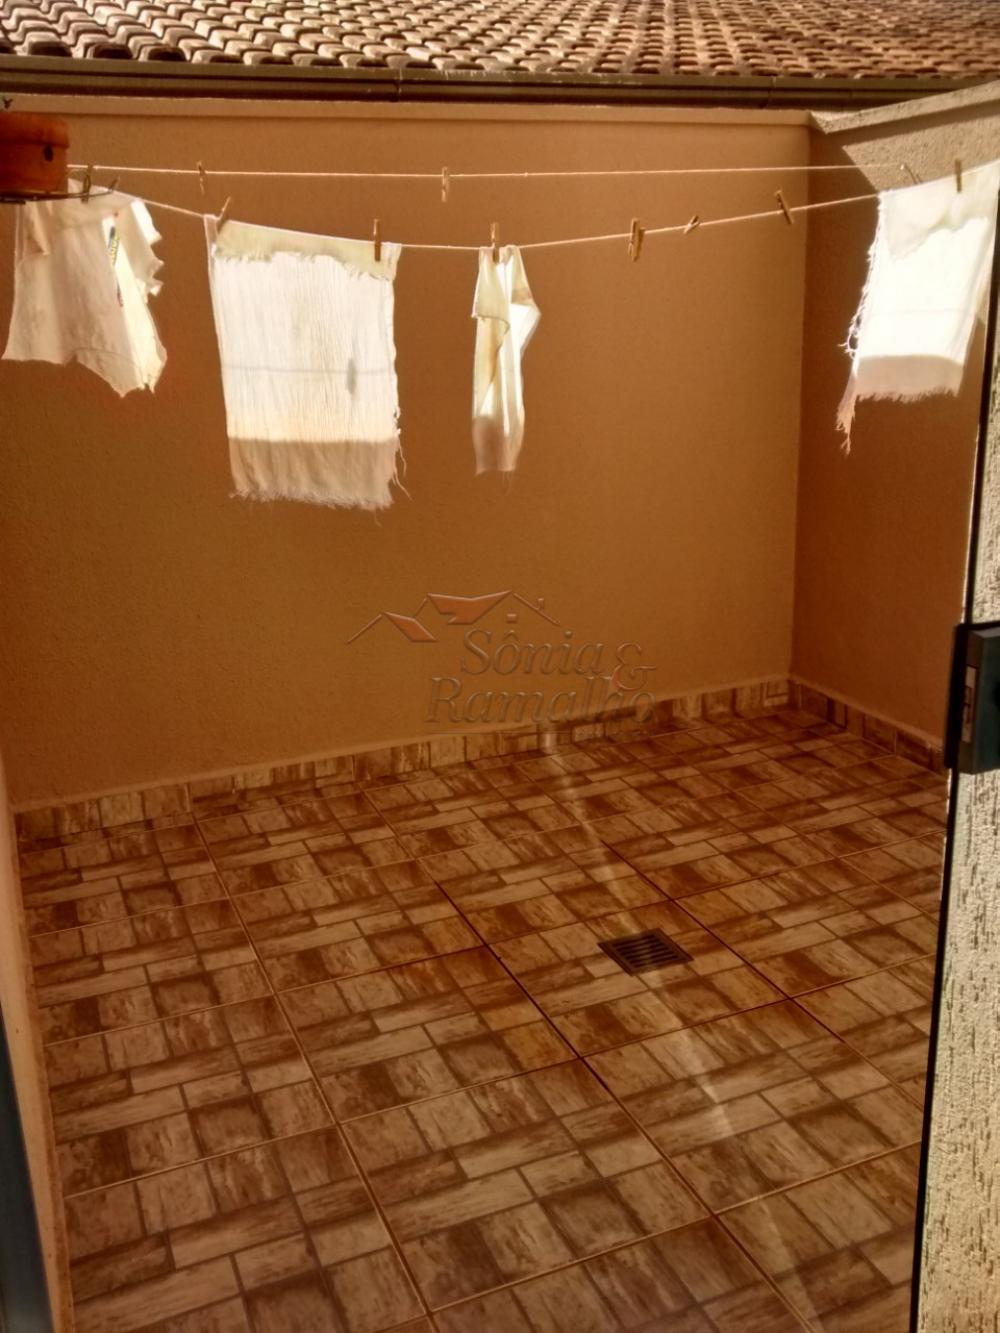 Comprar Apartamentos / Padrão em Ribeirão Preto apenas R$ 230.000,00 - Foto 8